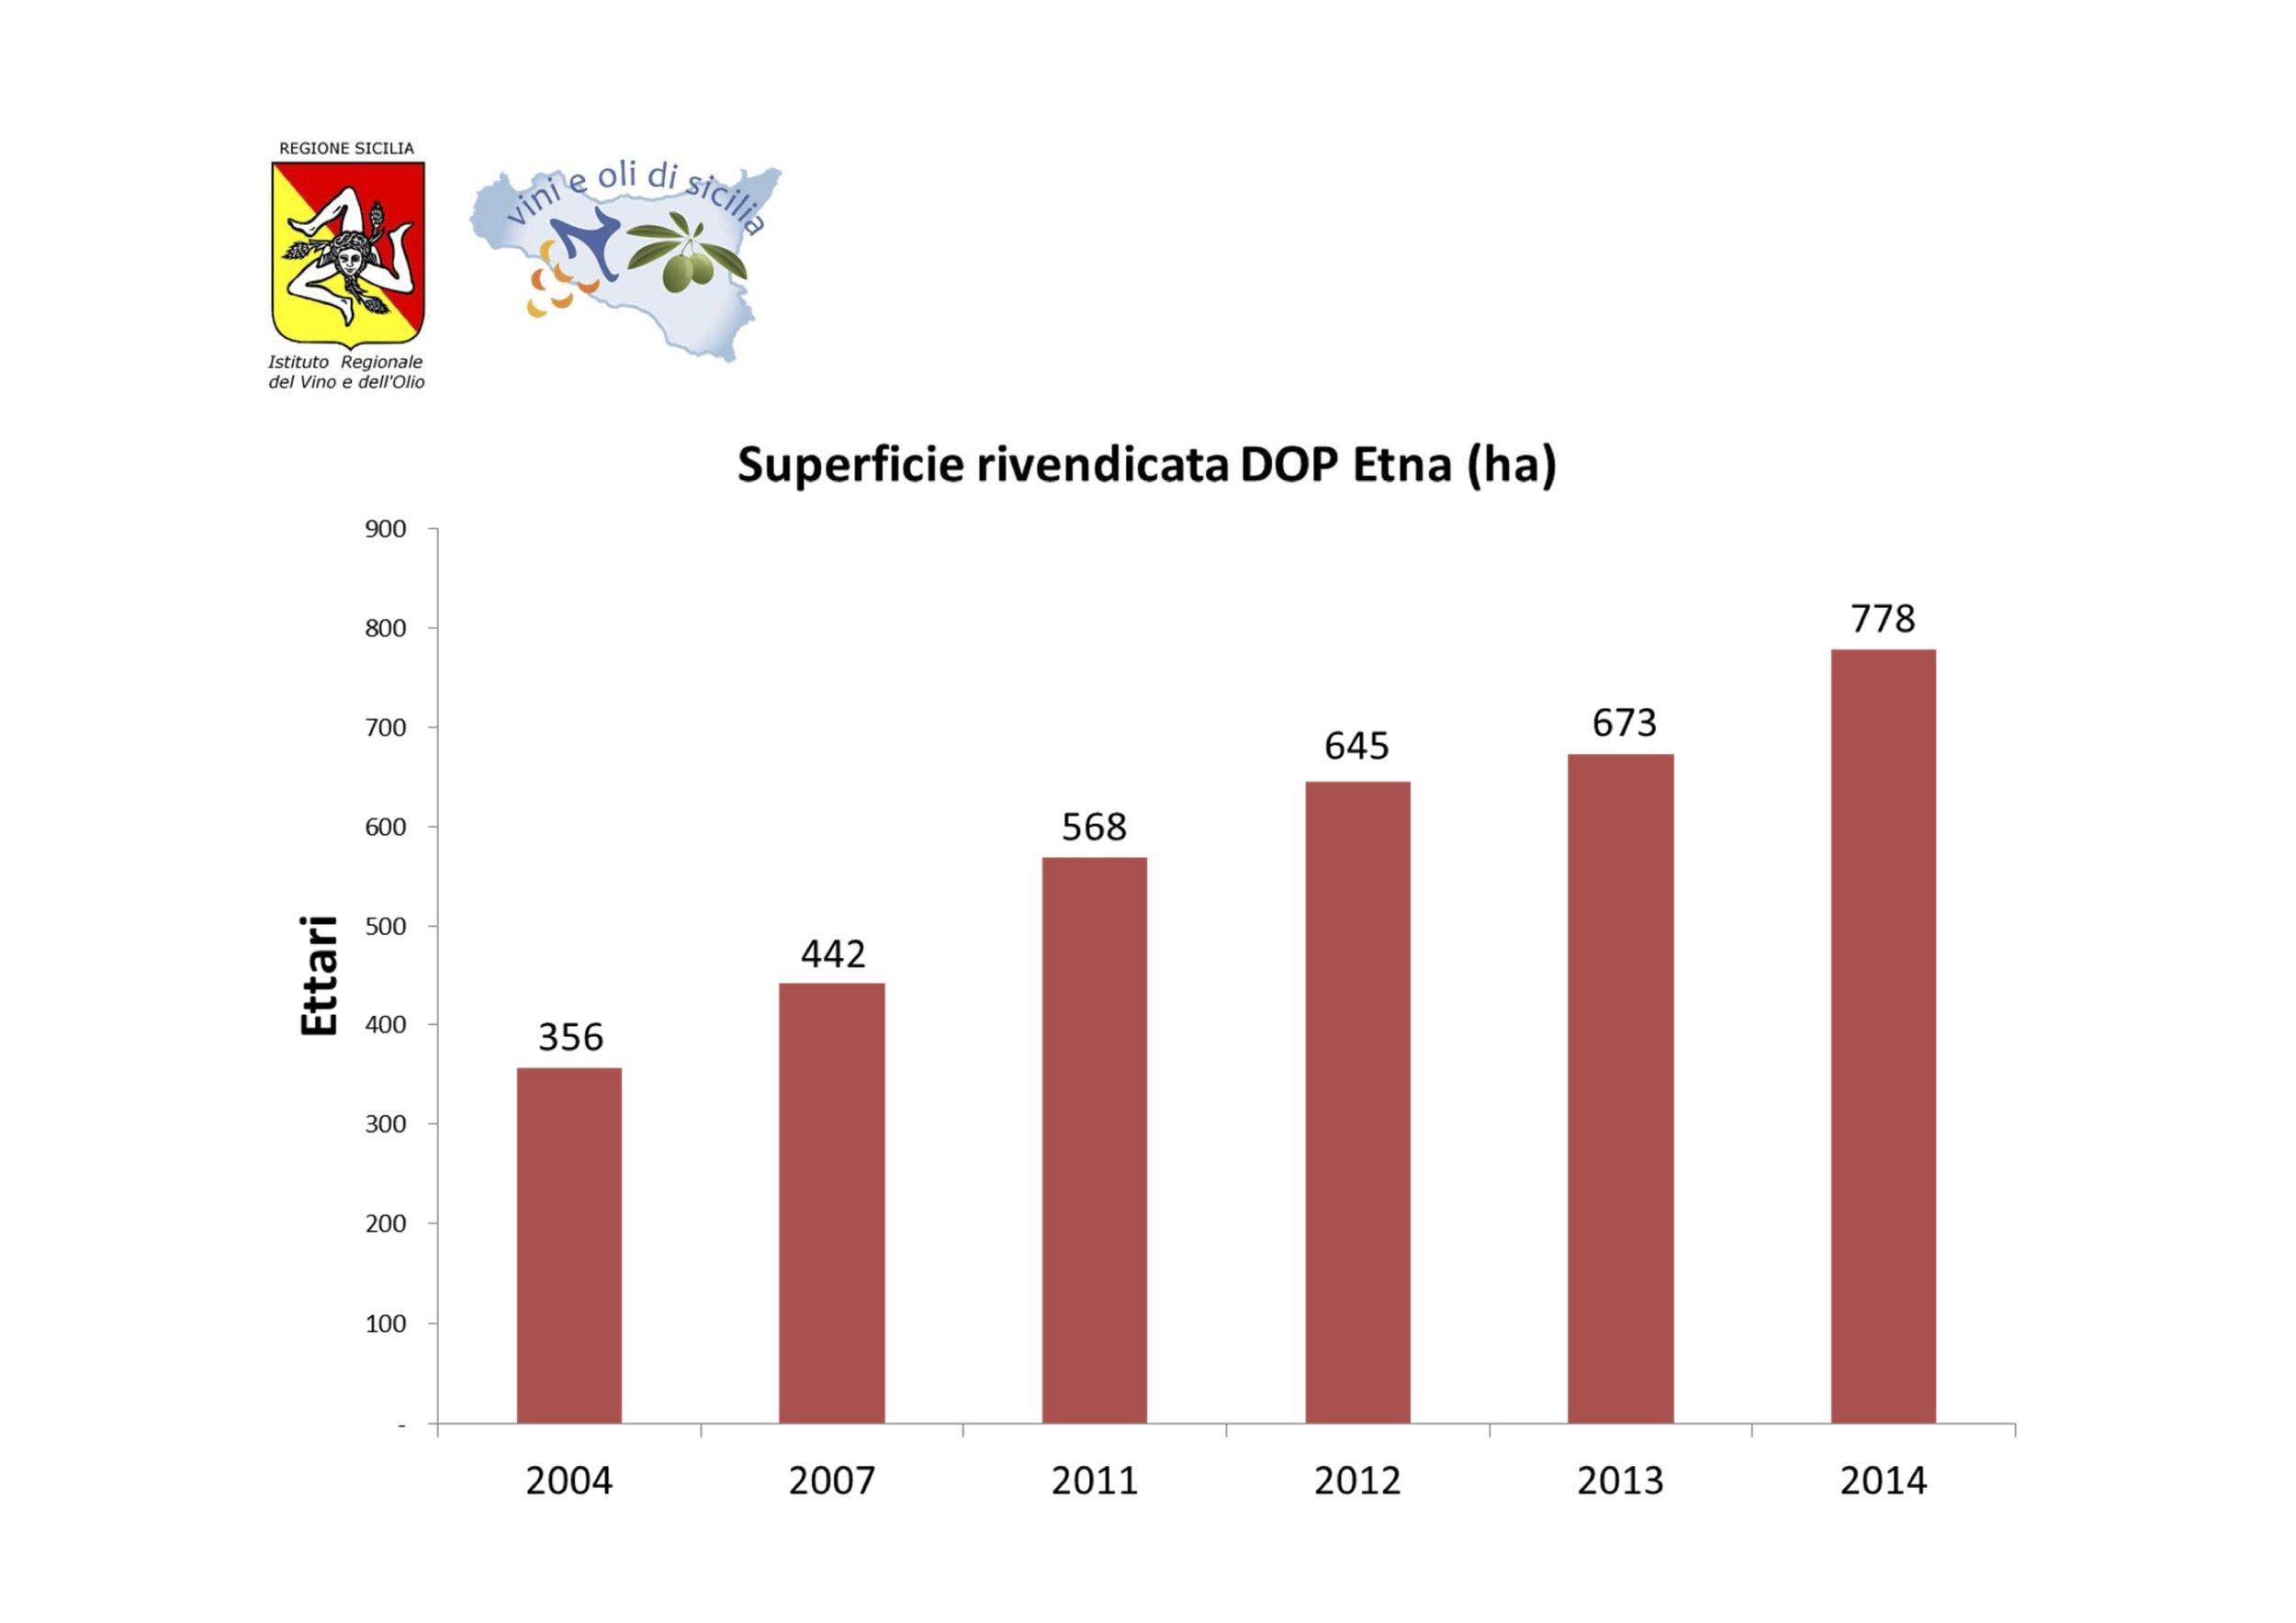 Fonte: Istituto Regionale del Vino e dell'Olio - IRVO - a cura di Felice Capraro